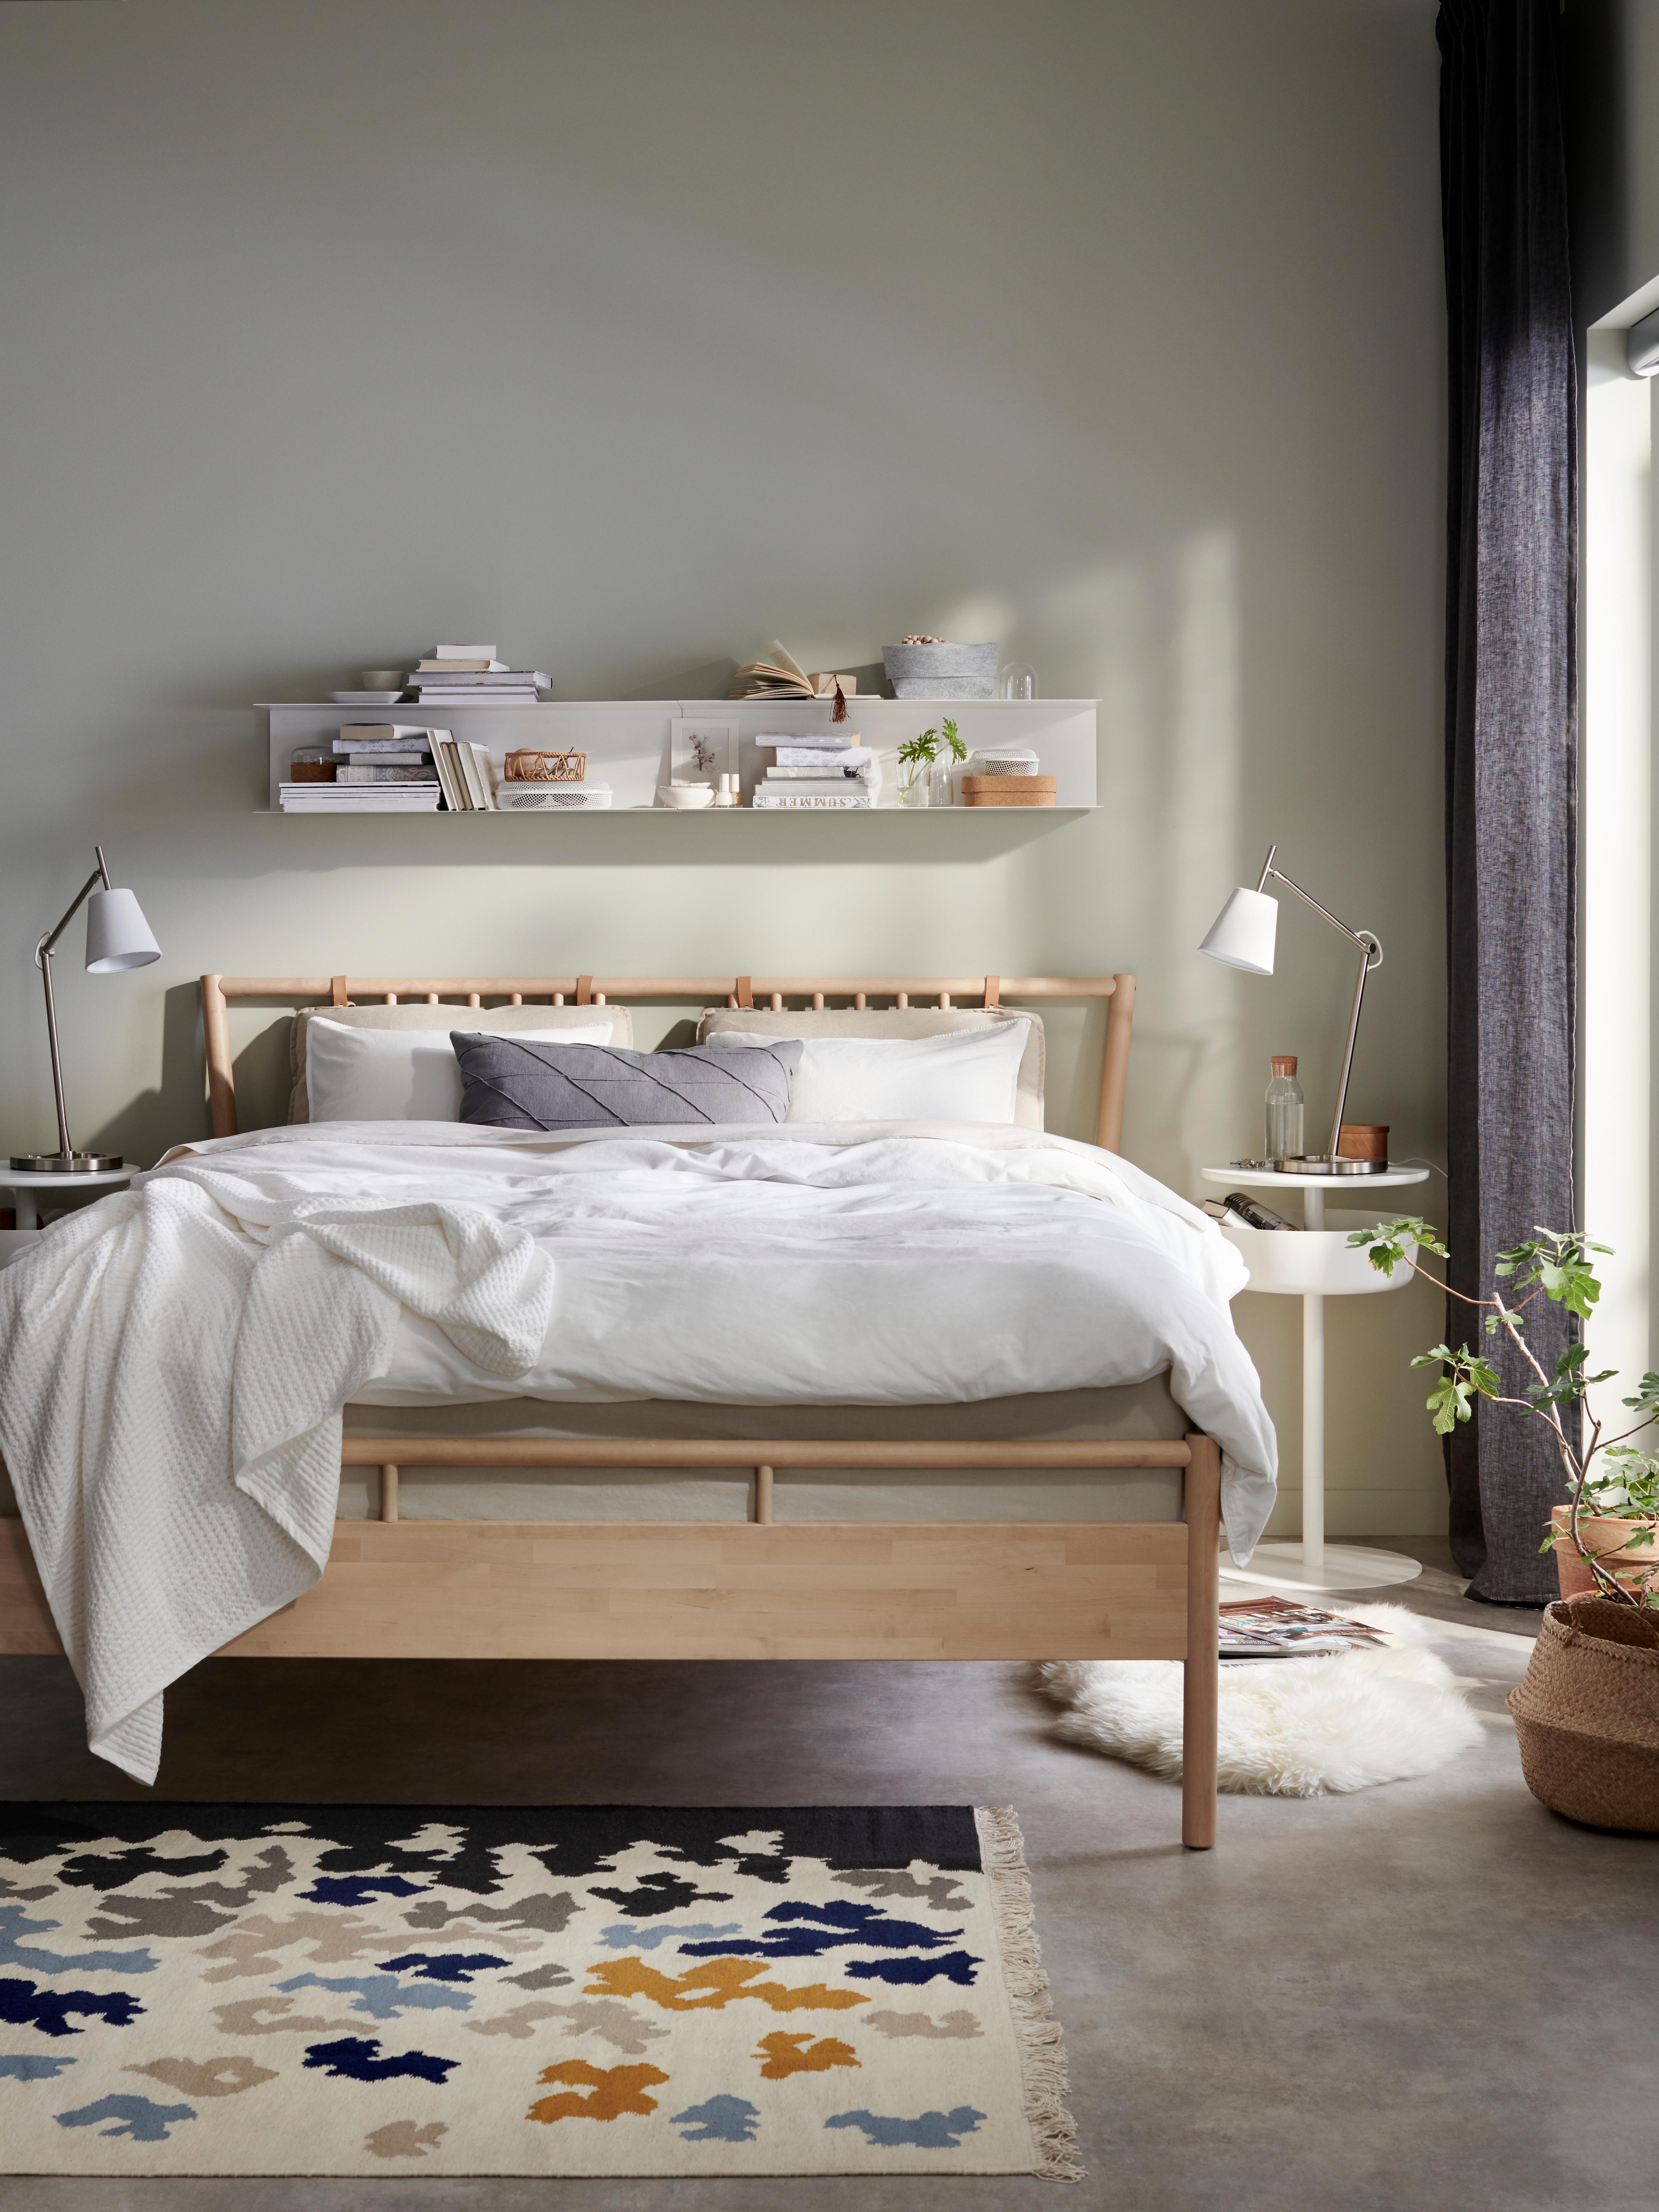 BJÖRKSNÄS okvir kreveta od breze s bijelom navlakom za poplun i prekrivačem uza zid spavaće sobe pored noćnog ormarića.